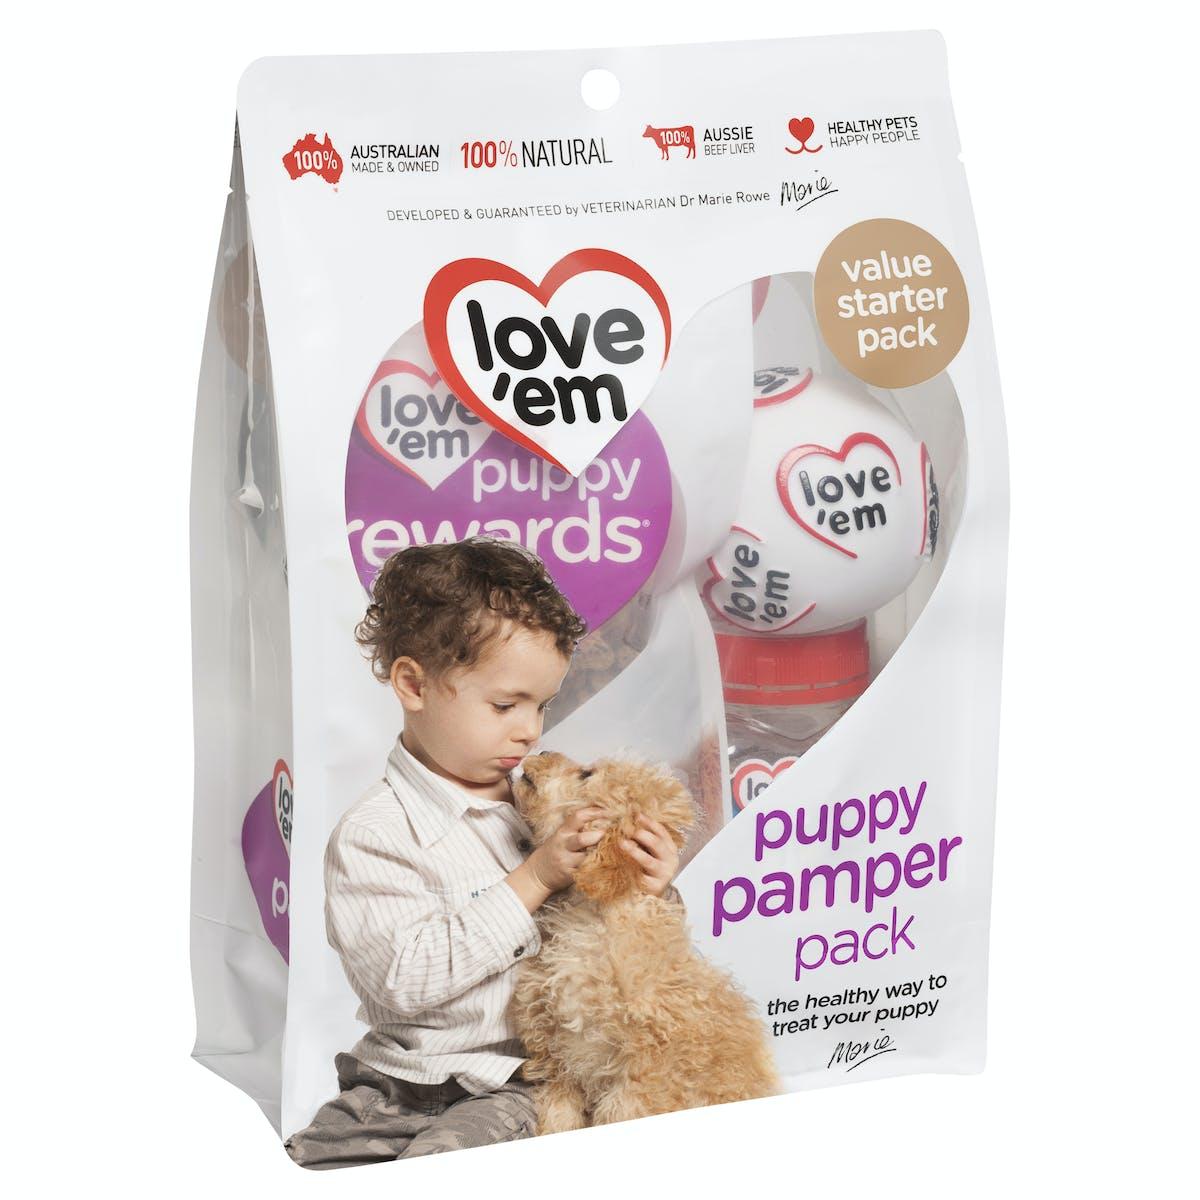 Love'em | puppy pamper pack | Indulge dog | Front of pack